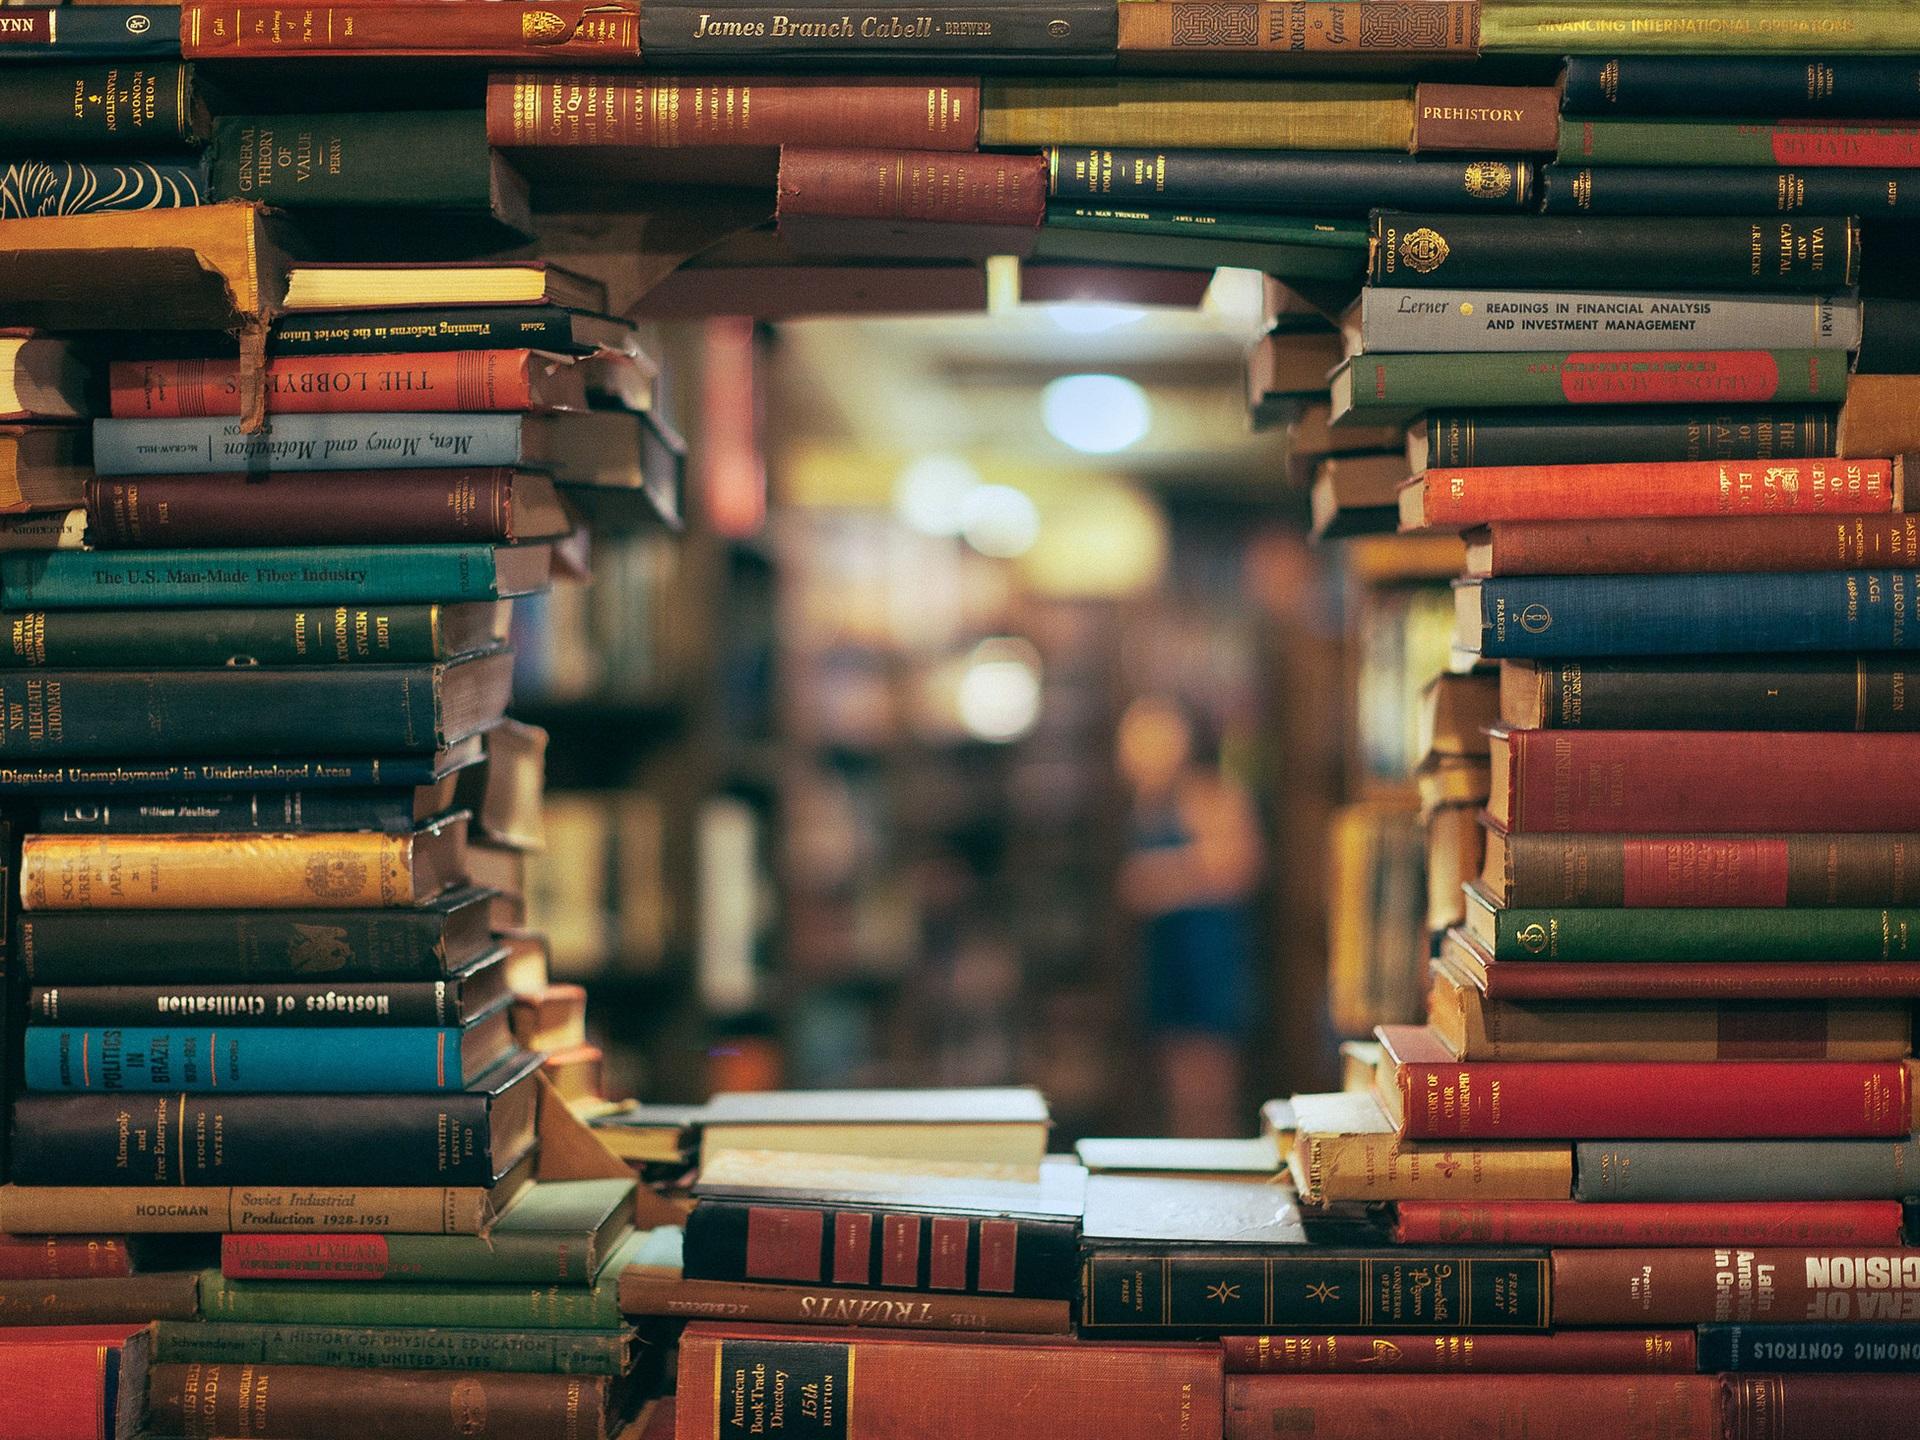 картинки книг самые лучшие одна самых популярных